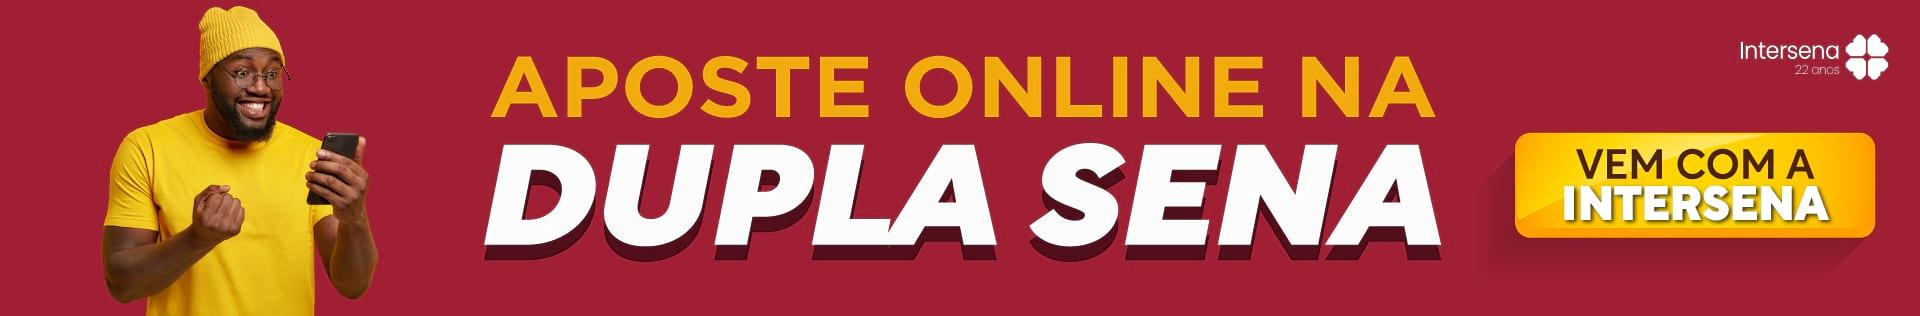 Aposte online na Dupla Sena